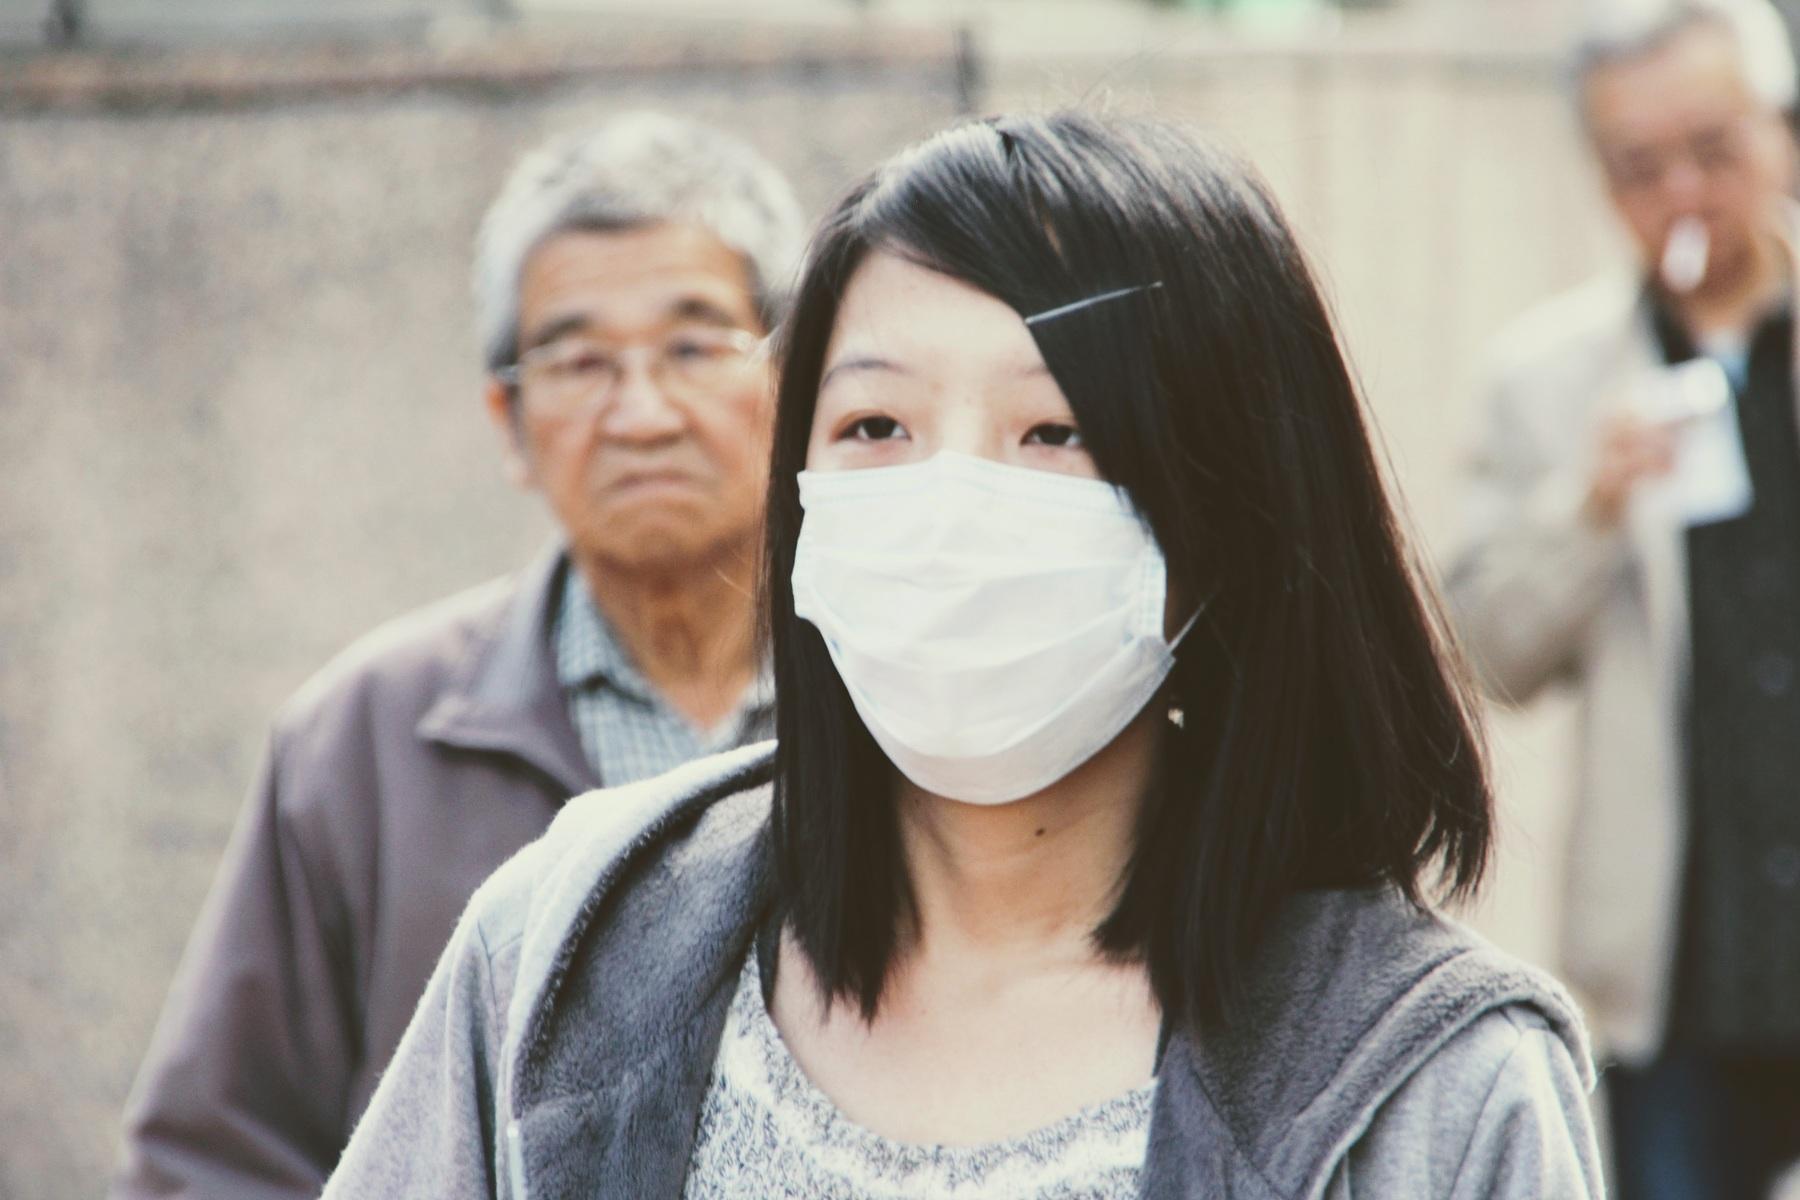 Cinco chilenos en Wuhan se encuentran en cuarentena por el Coronavirus